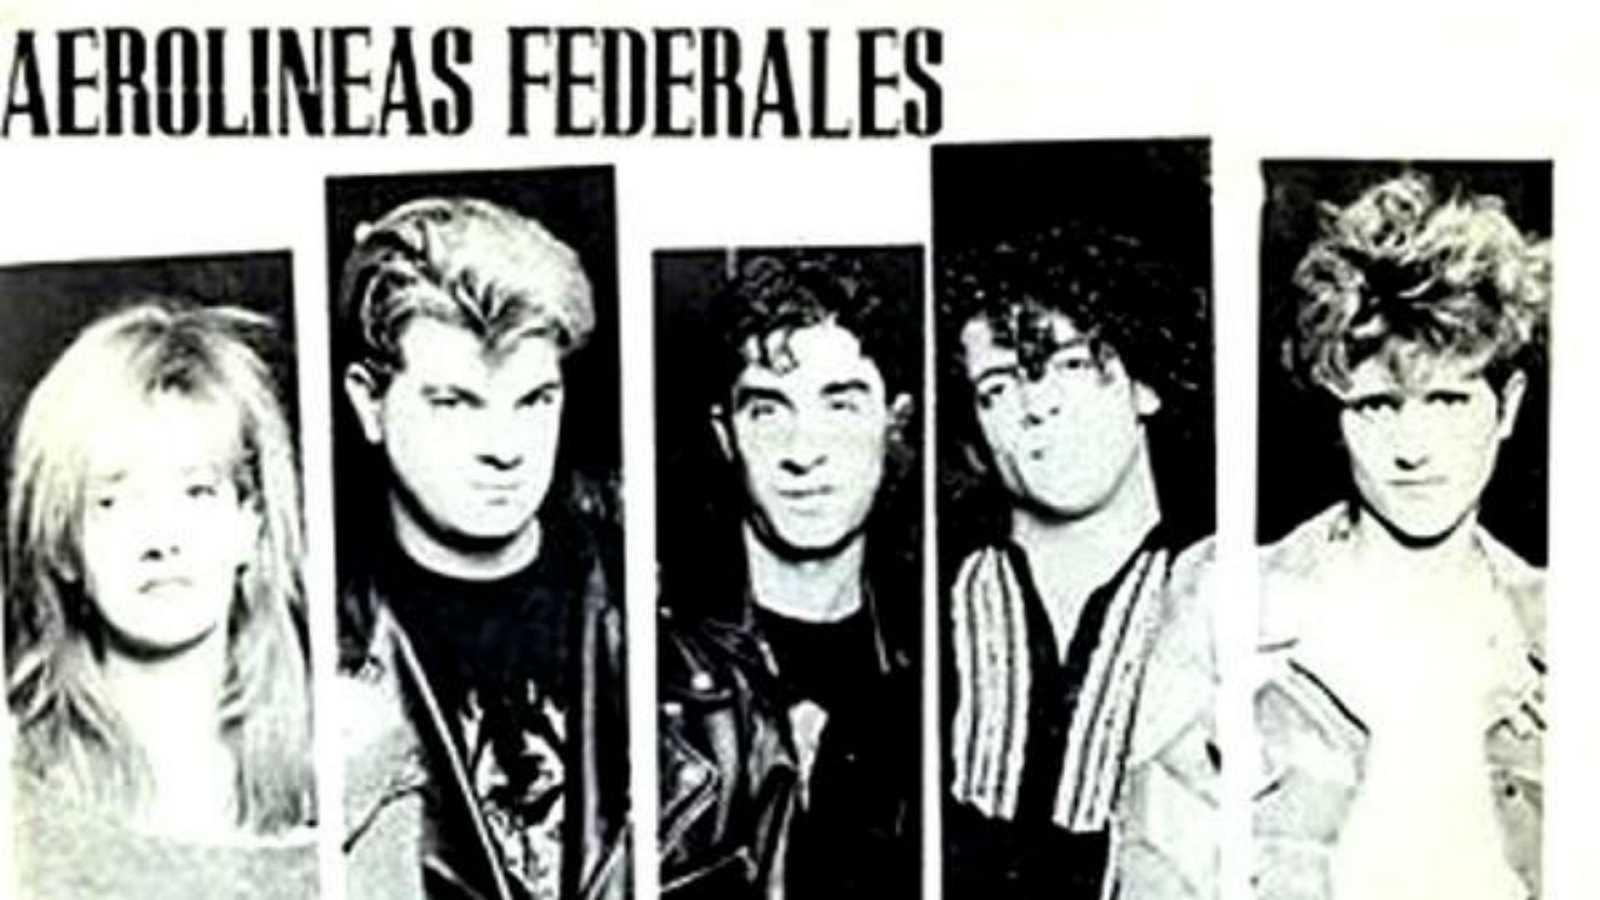 La vuelta al mundo con Miquel Silvestre - Aerolíneas Federales -10/09/20 - Escuchar ahora -